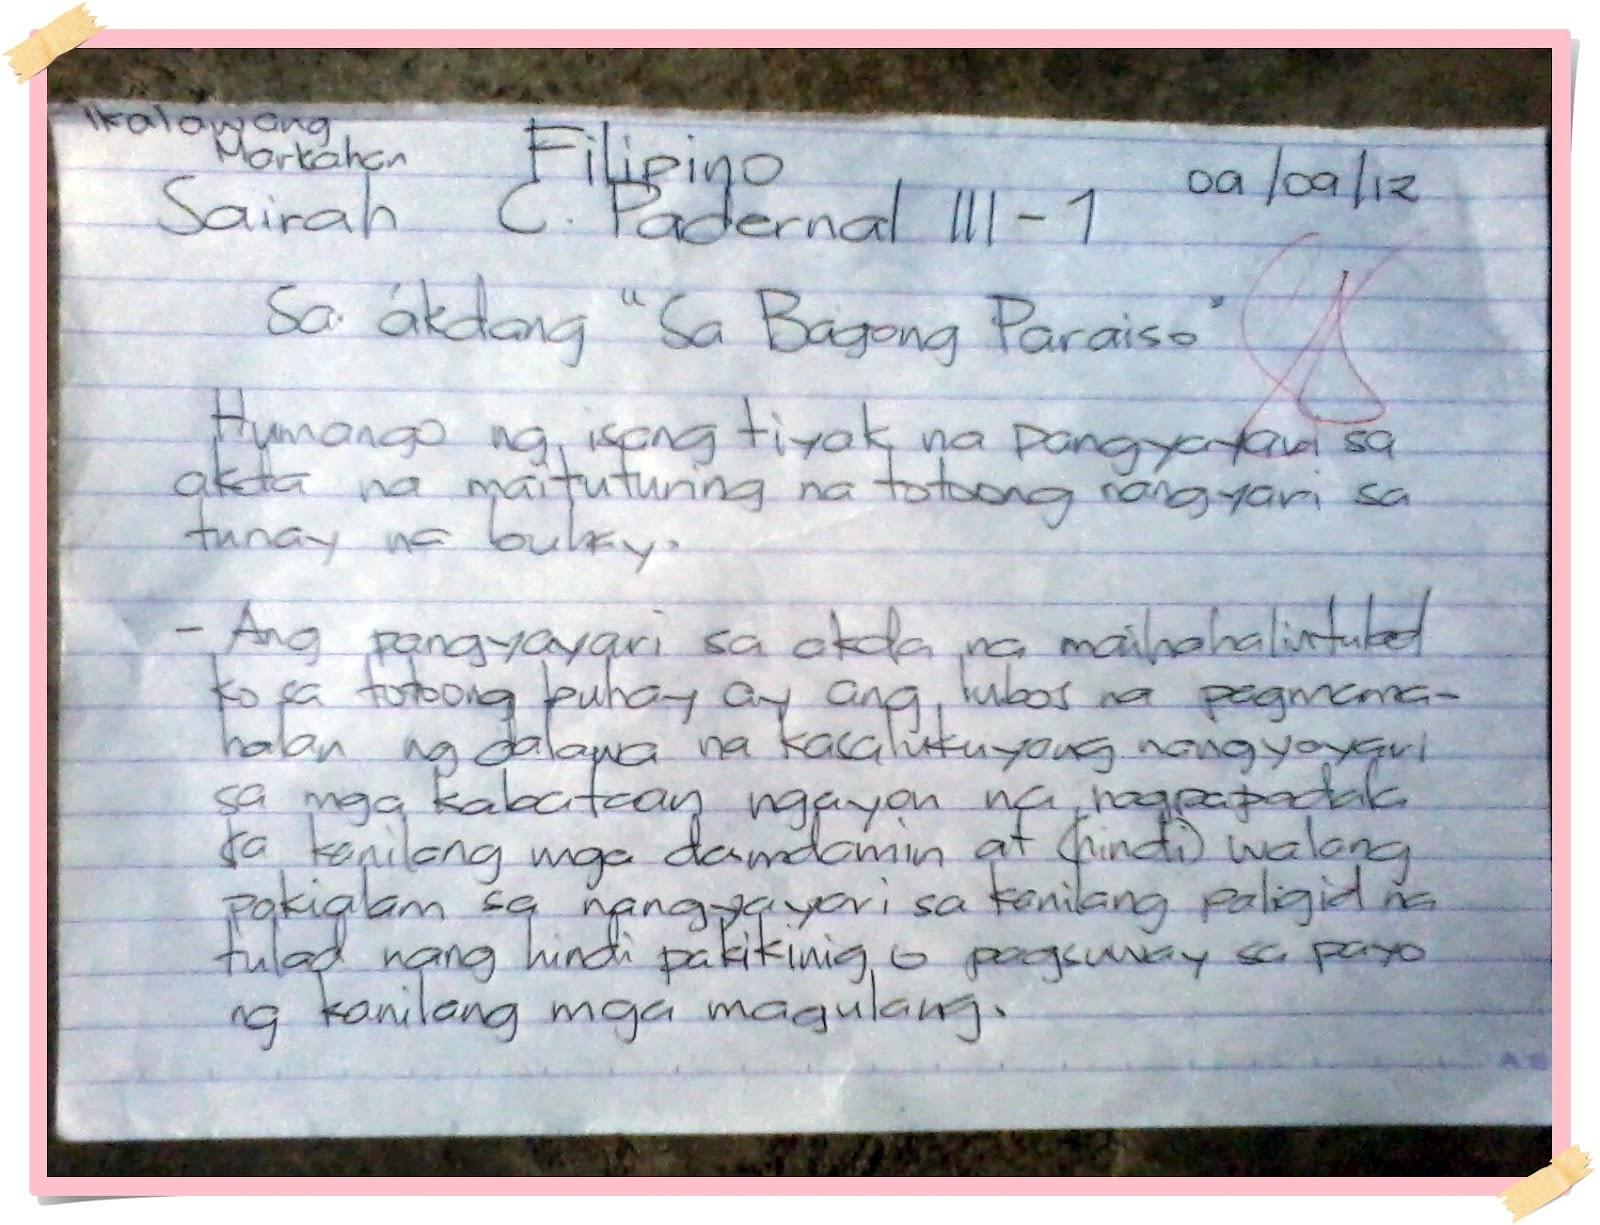 Bagong taon bagong pagasa essay writer